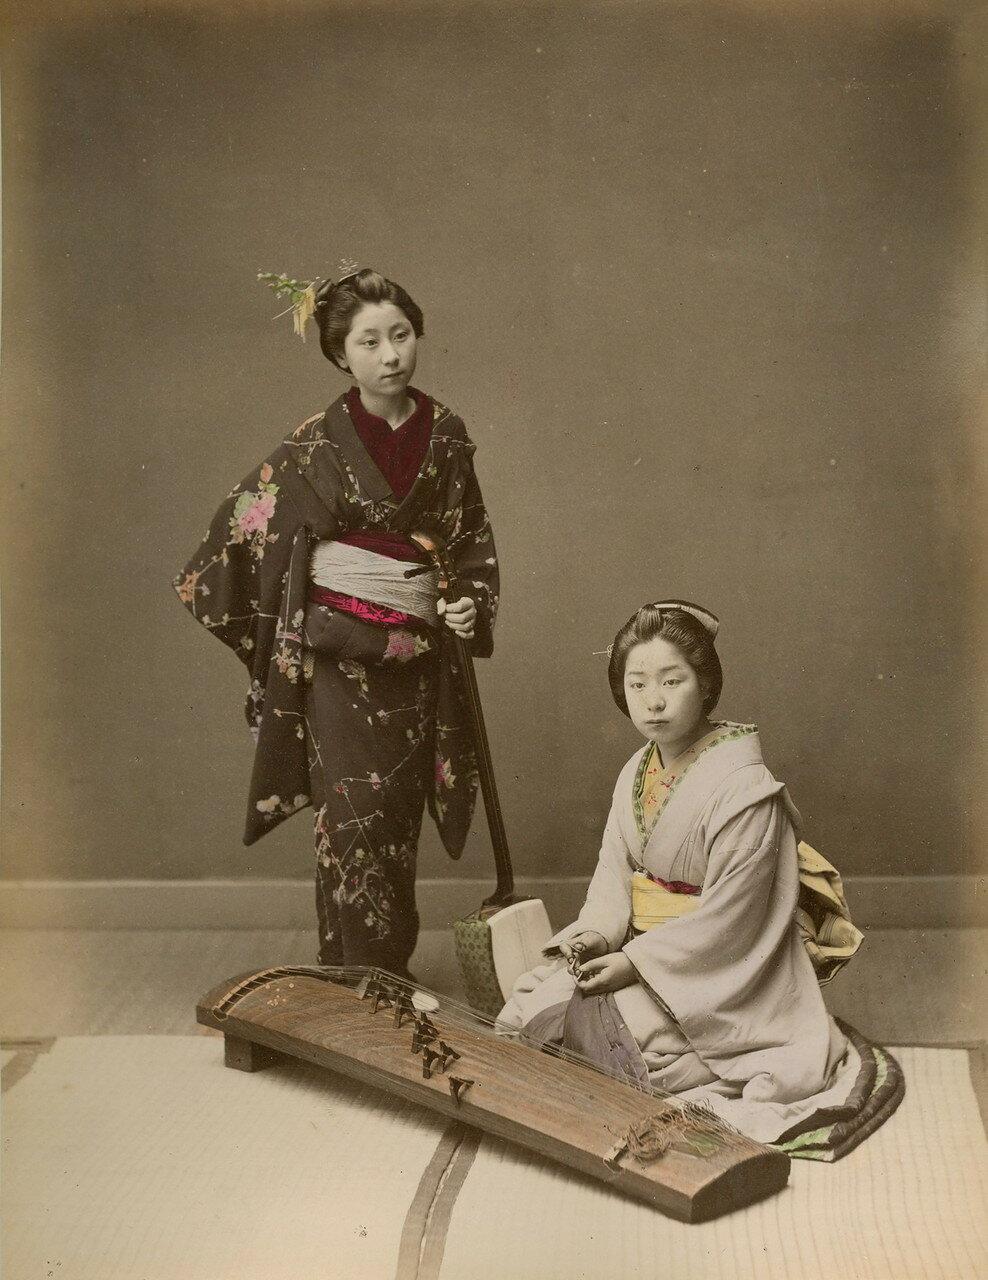 Две гейши с кото и сямисэном